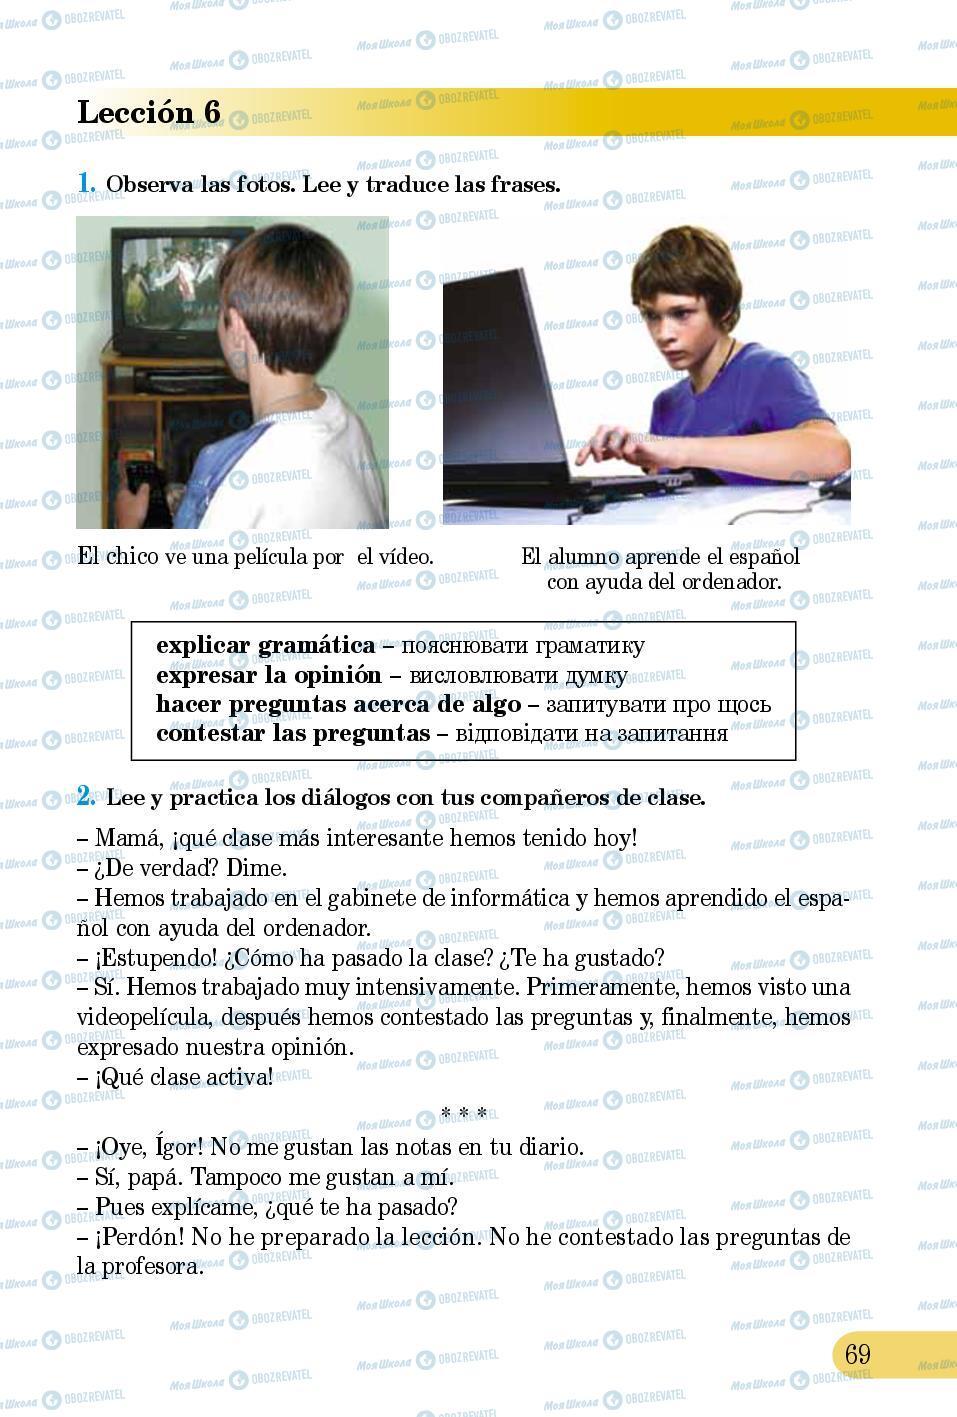 Підручники Іспанська мова 5 клас сторінка 69